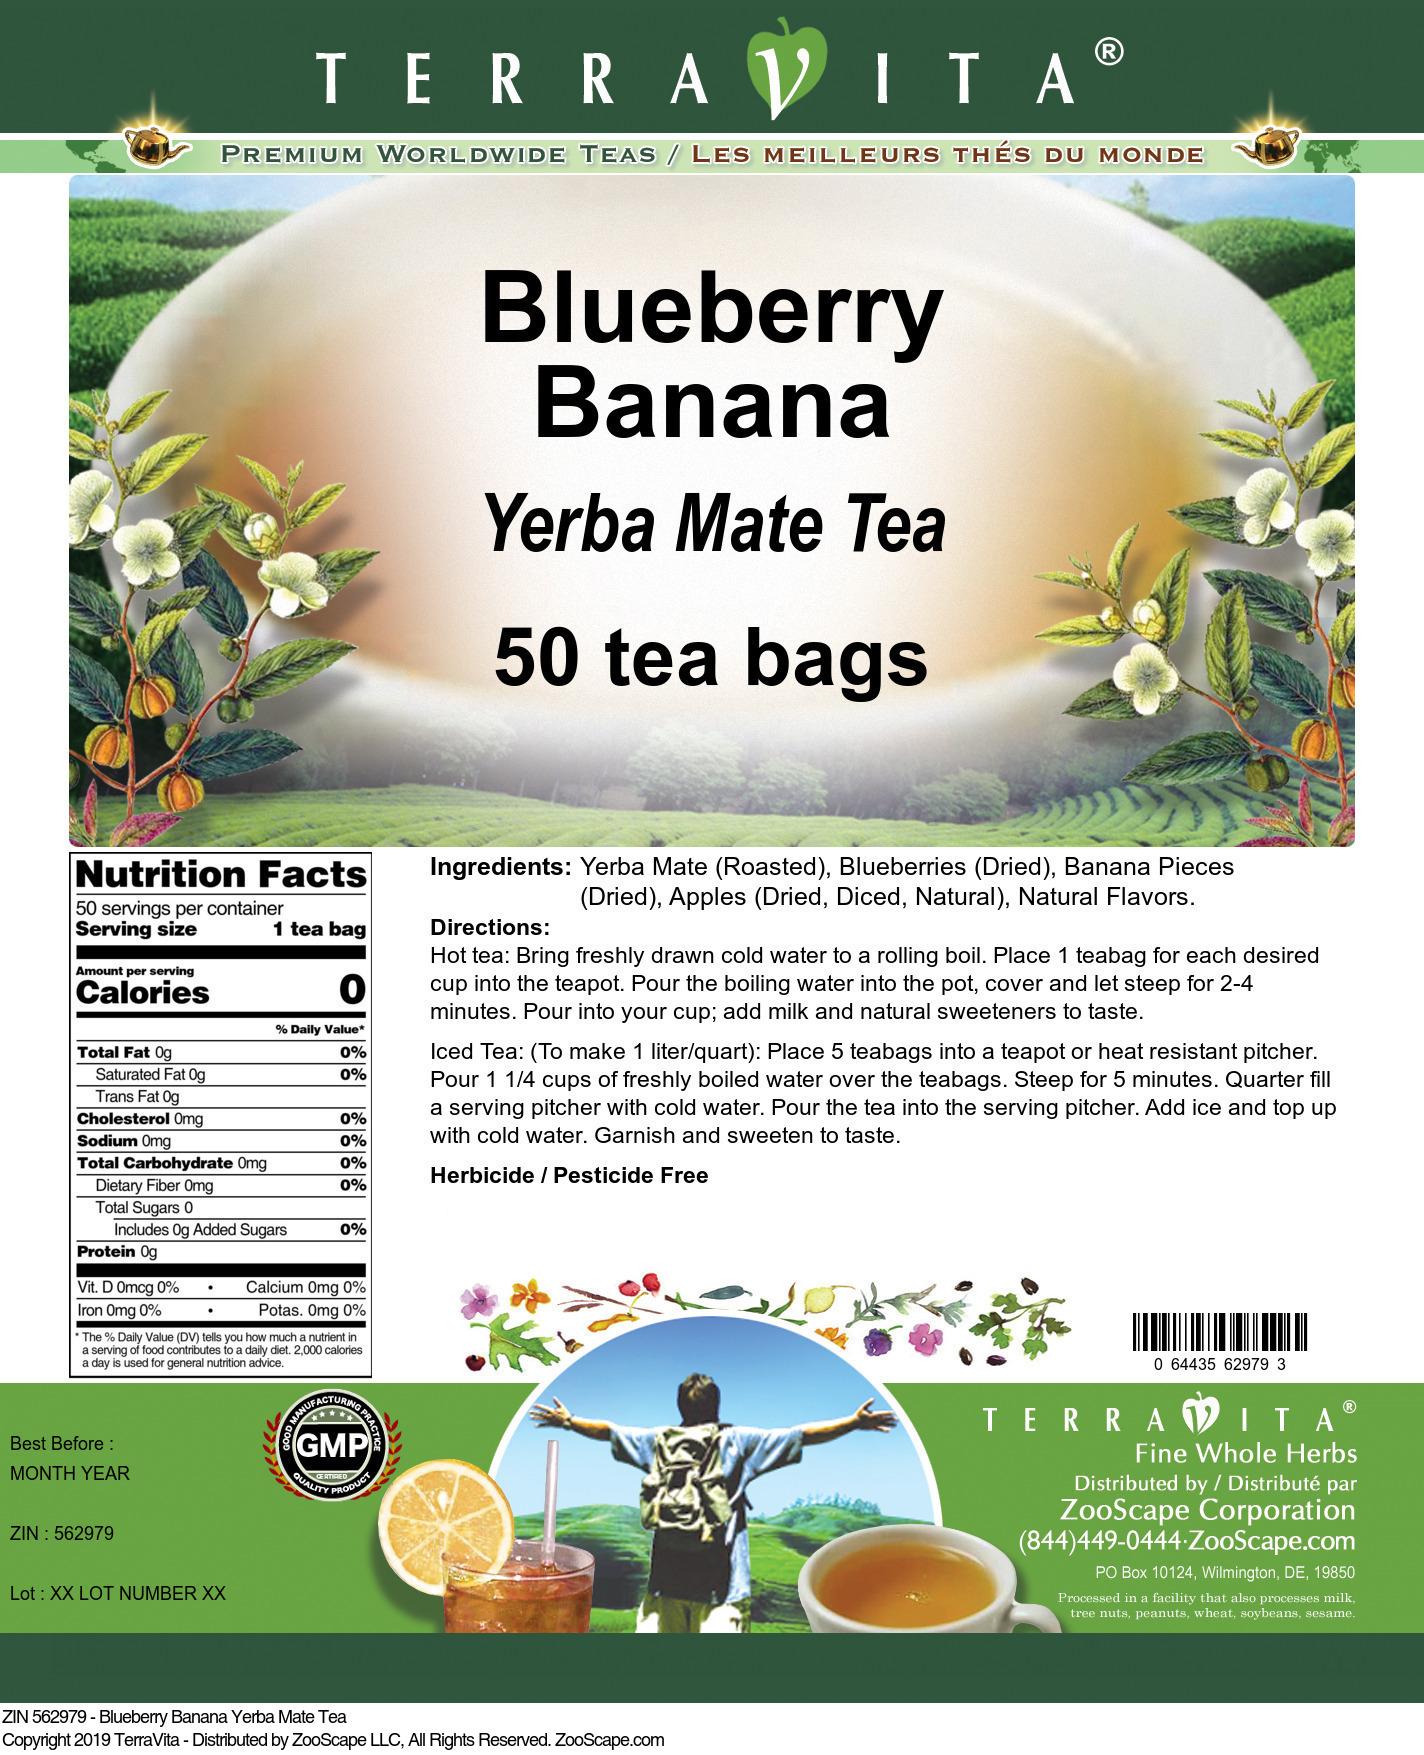 Blueberry Banana Yerba Mate